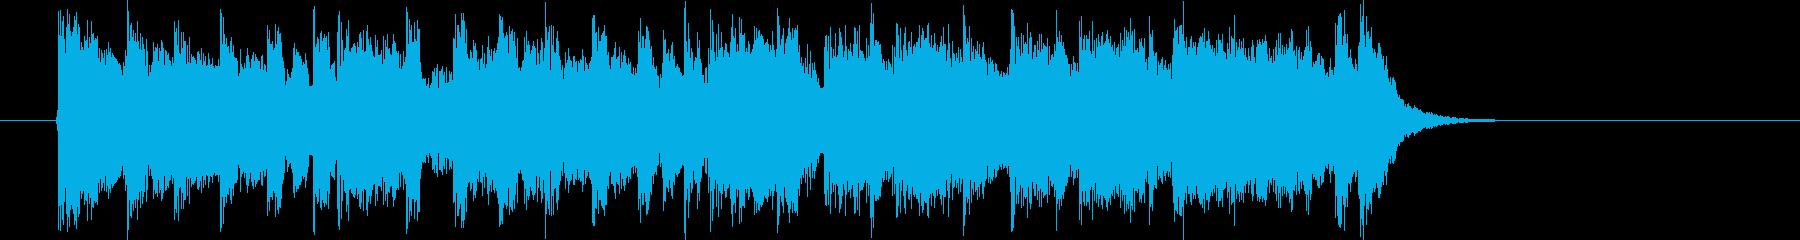 アップテンポで軽快なトランペットジングルの再生済みの波形